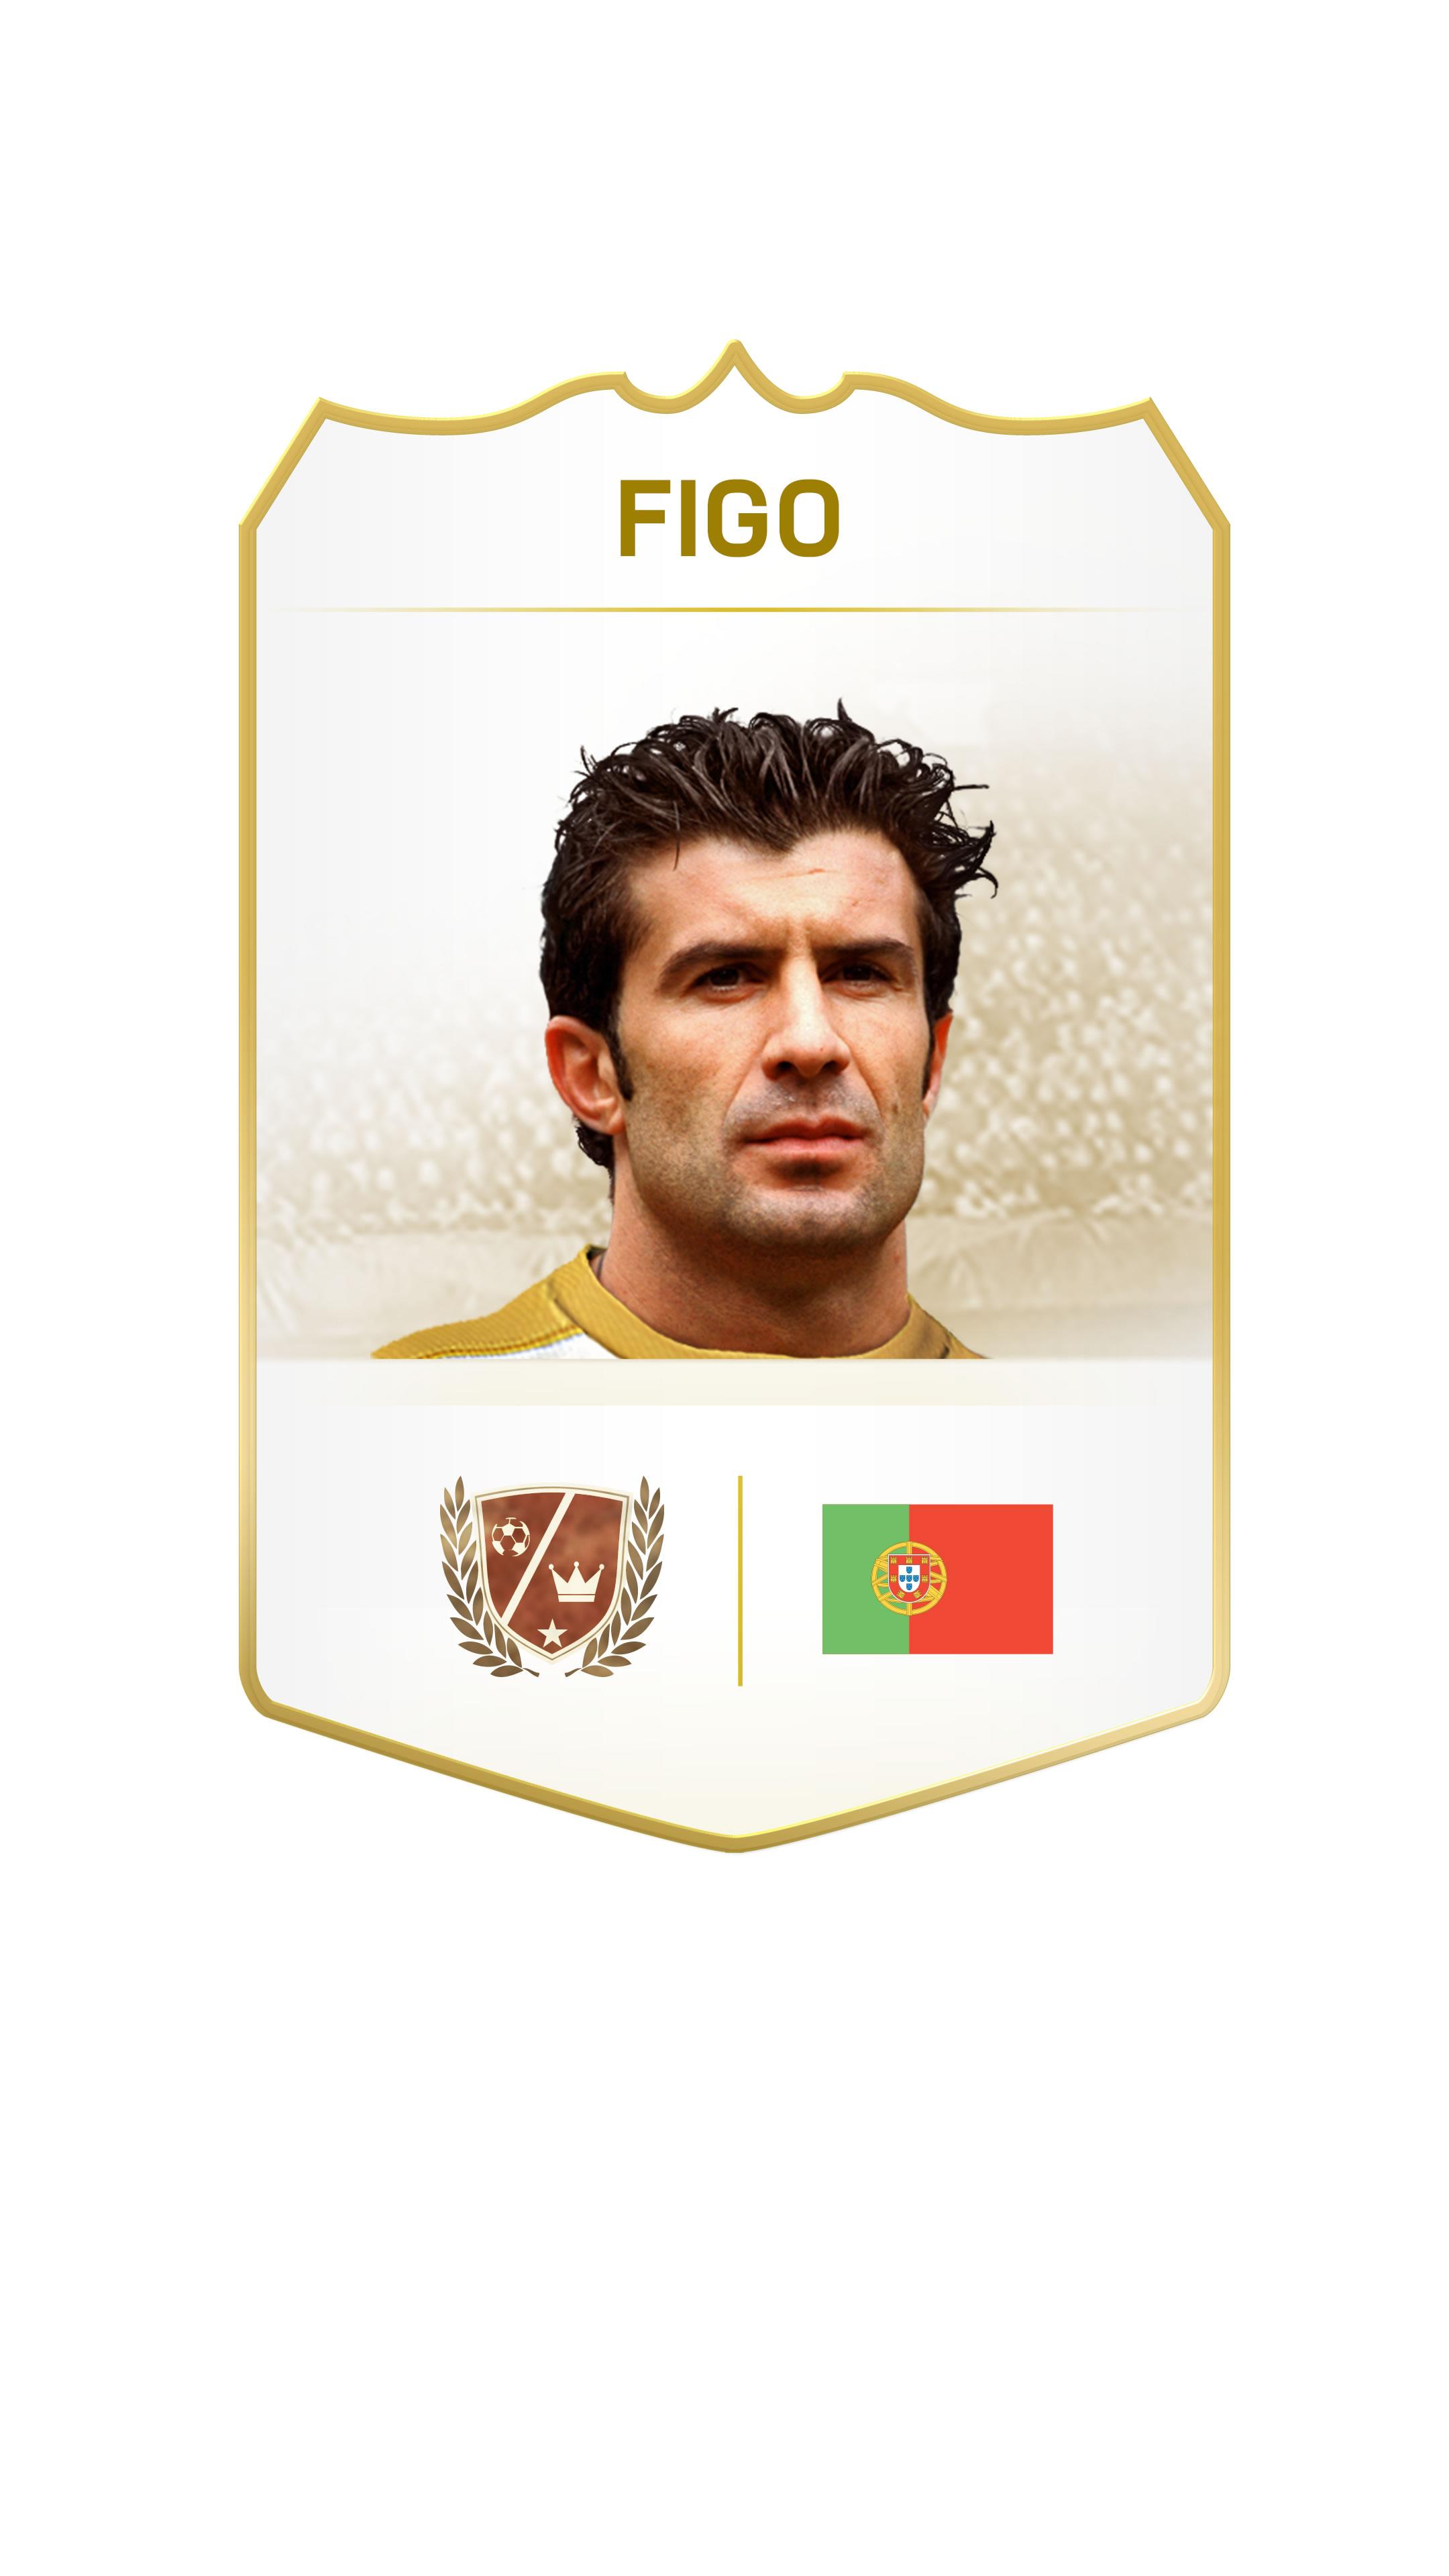 Obrázky z next-gen verze FIFA 14 ukazují FUT Legends a vymazlenější grafiku 89206